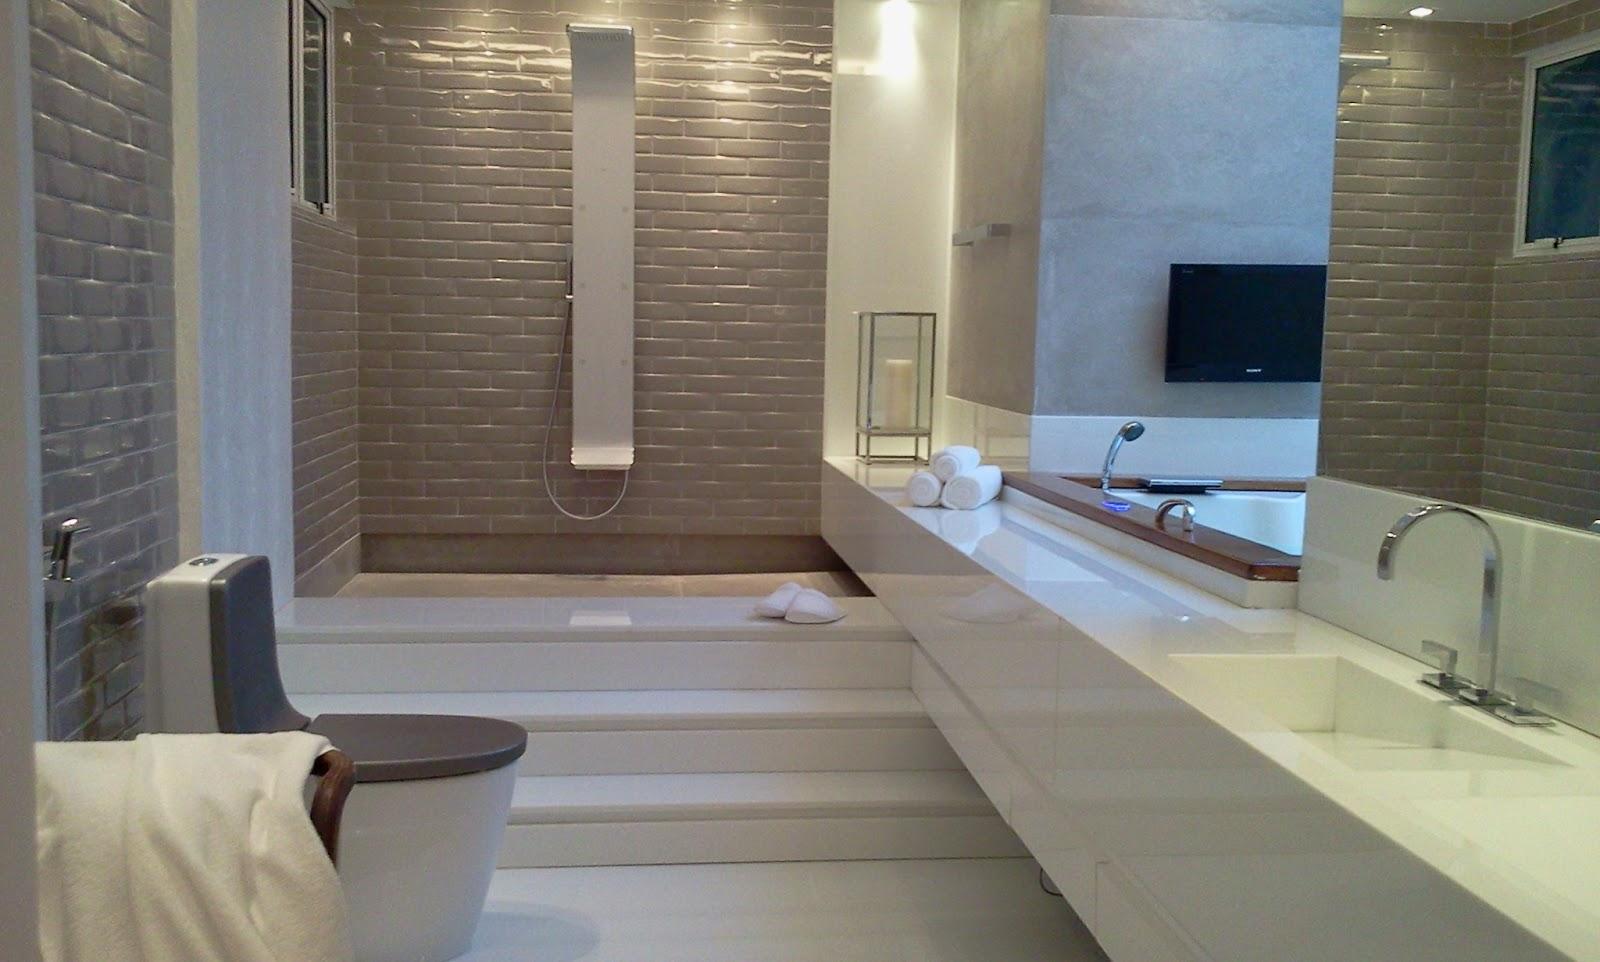 #40678B ulta moderno dessa ducha de banho!! Repare também que a banheira  1600x962 px revestimento de banheiro com banheira